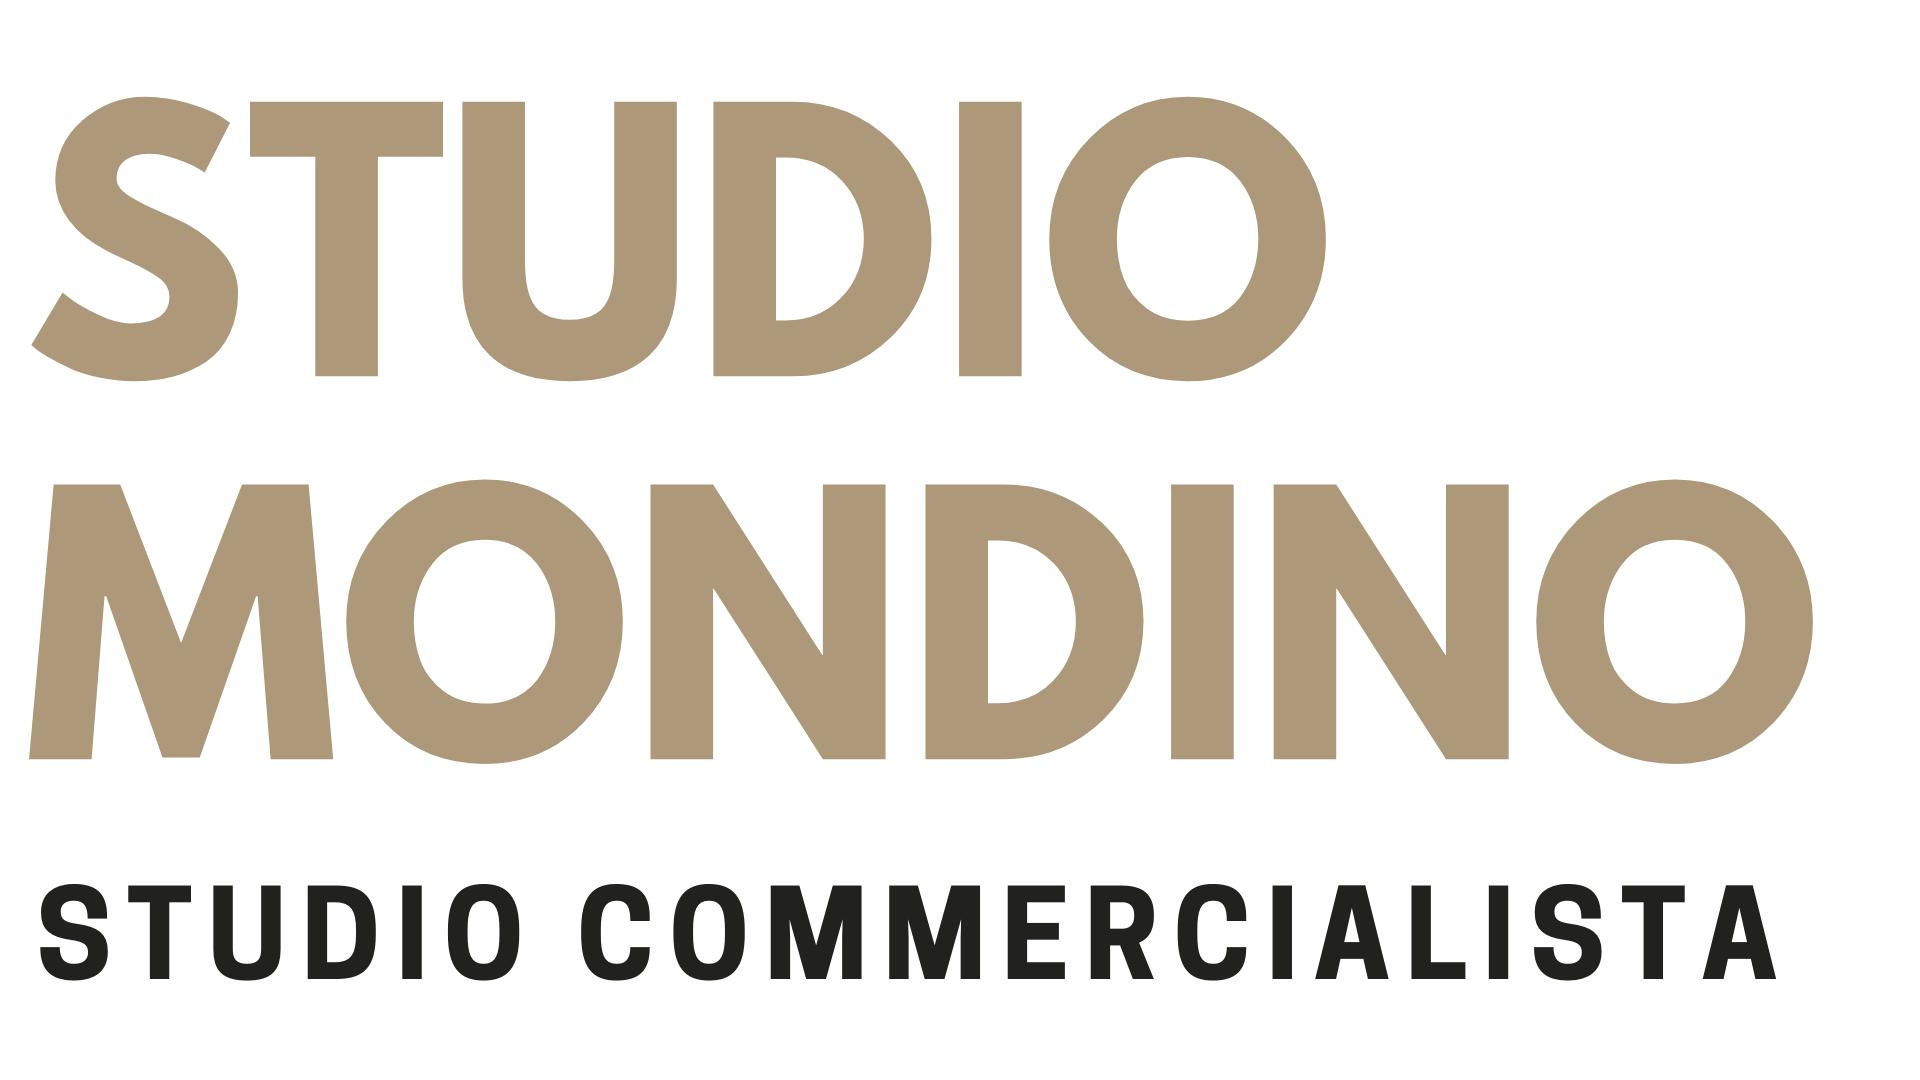 Studio Mondino